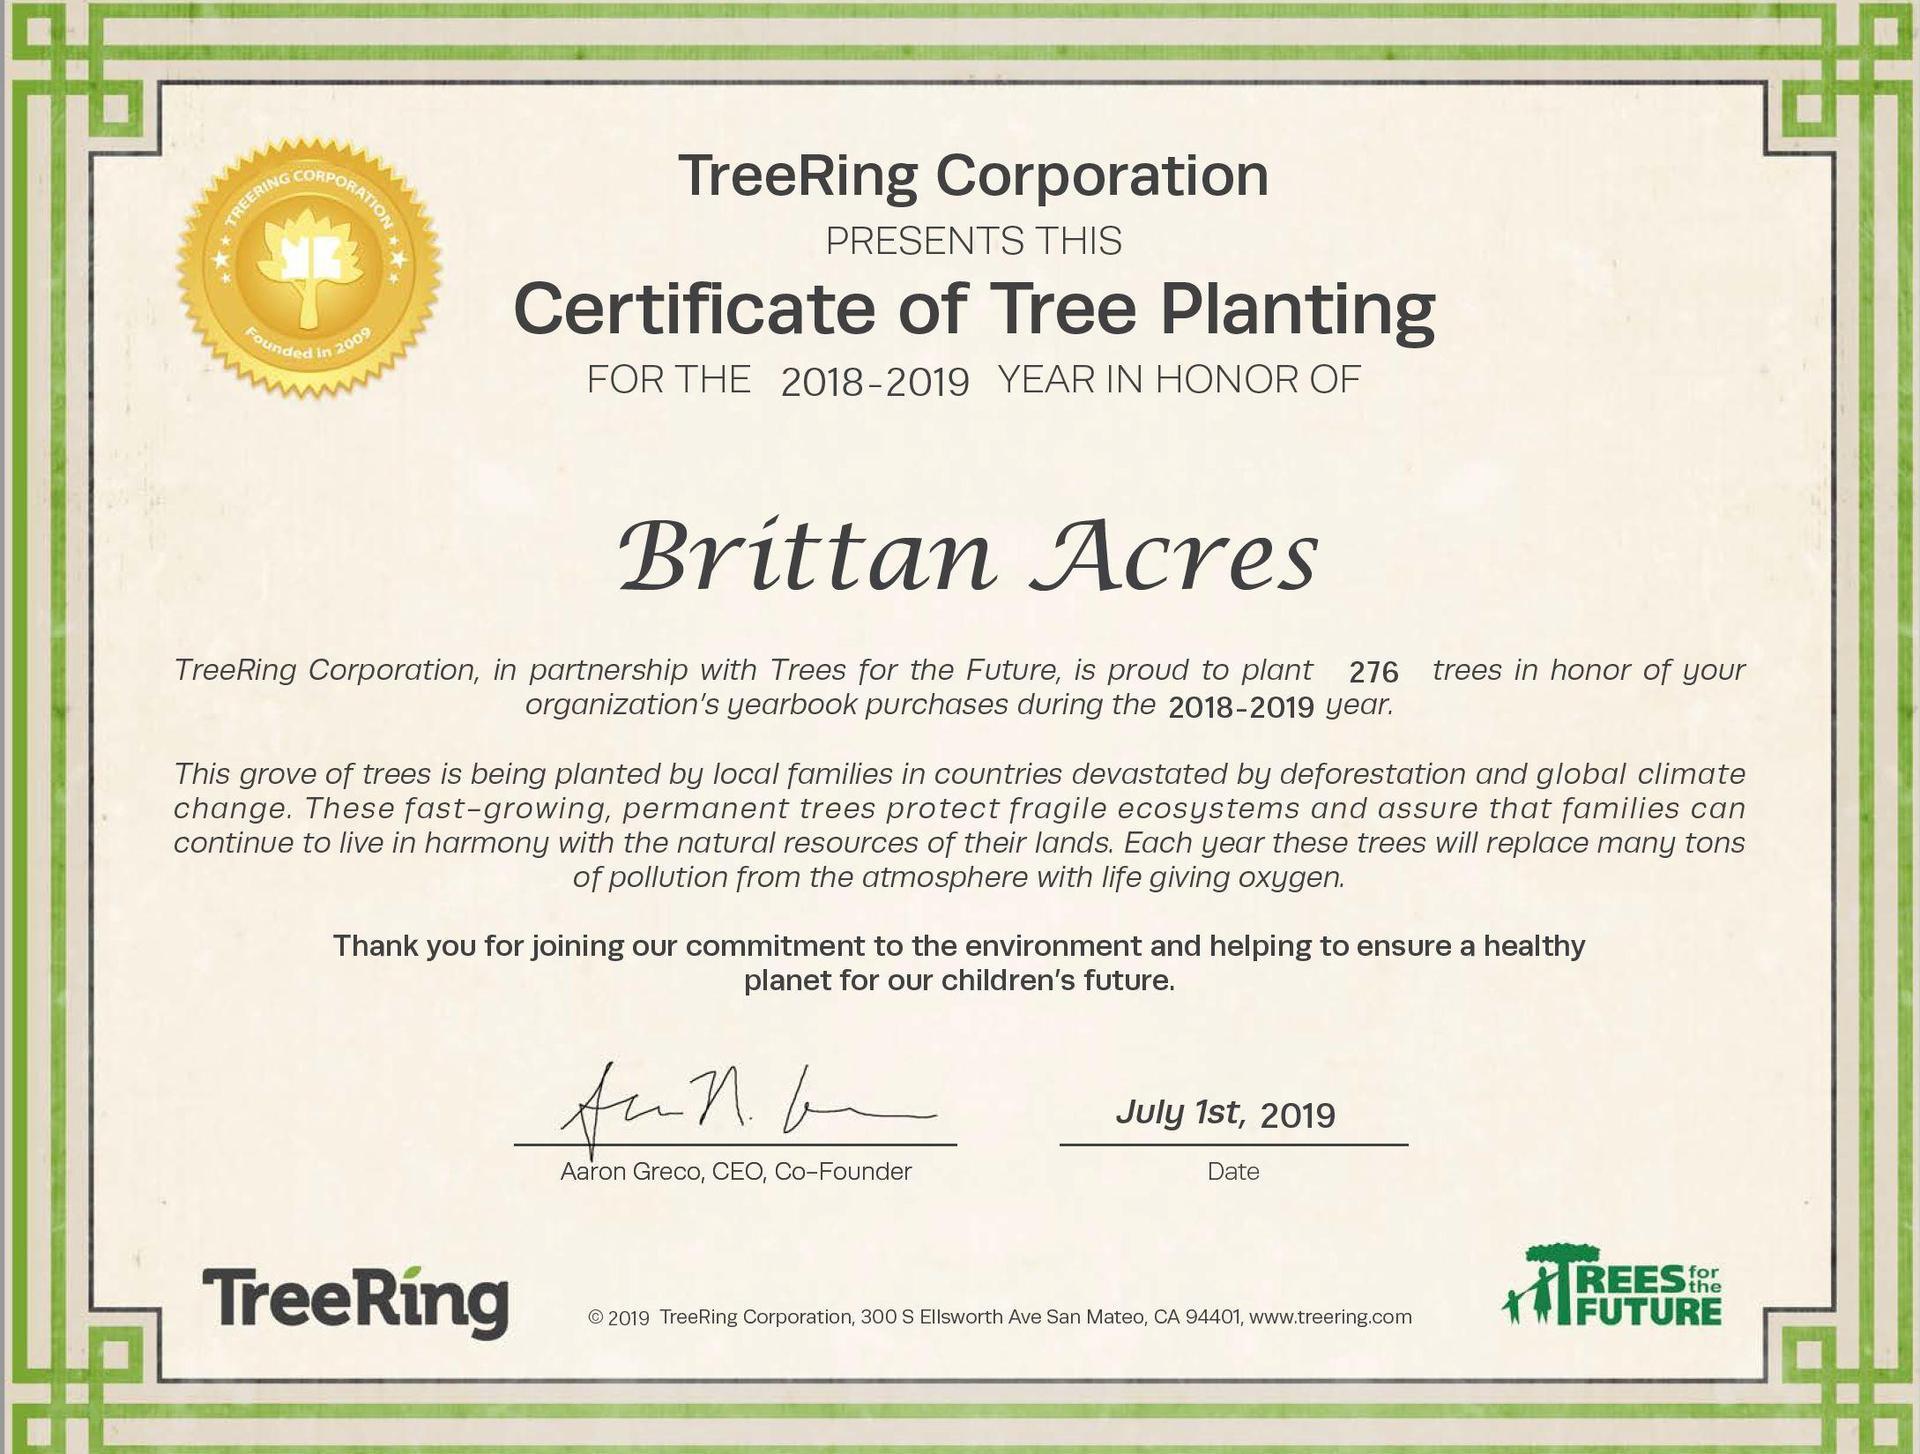 TreeRing certificate